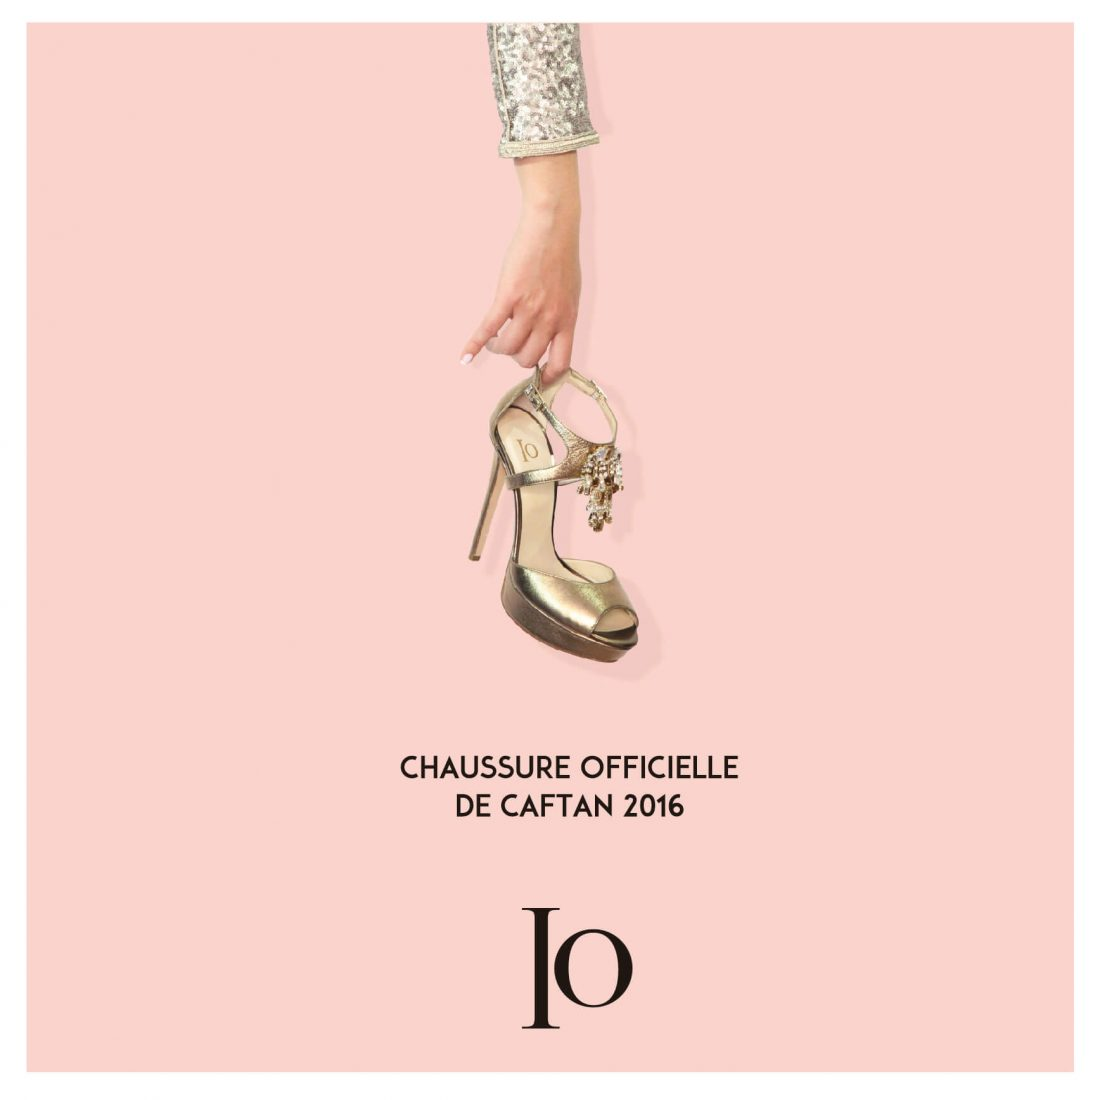 Chaussure officielle de Caftan 2016